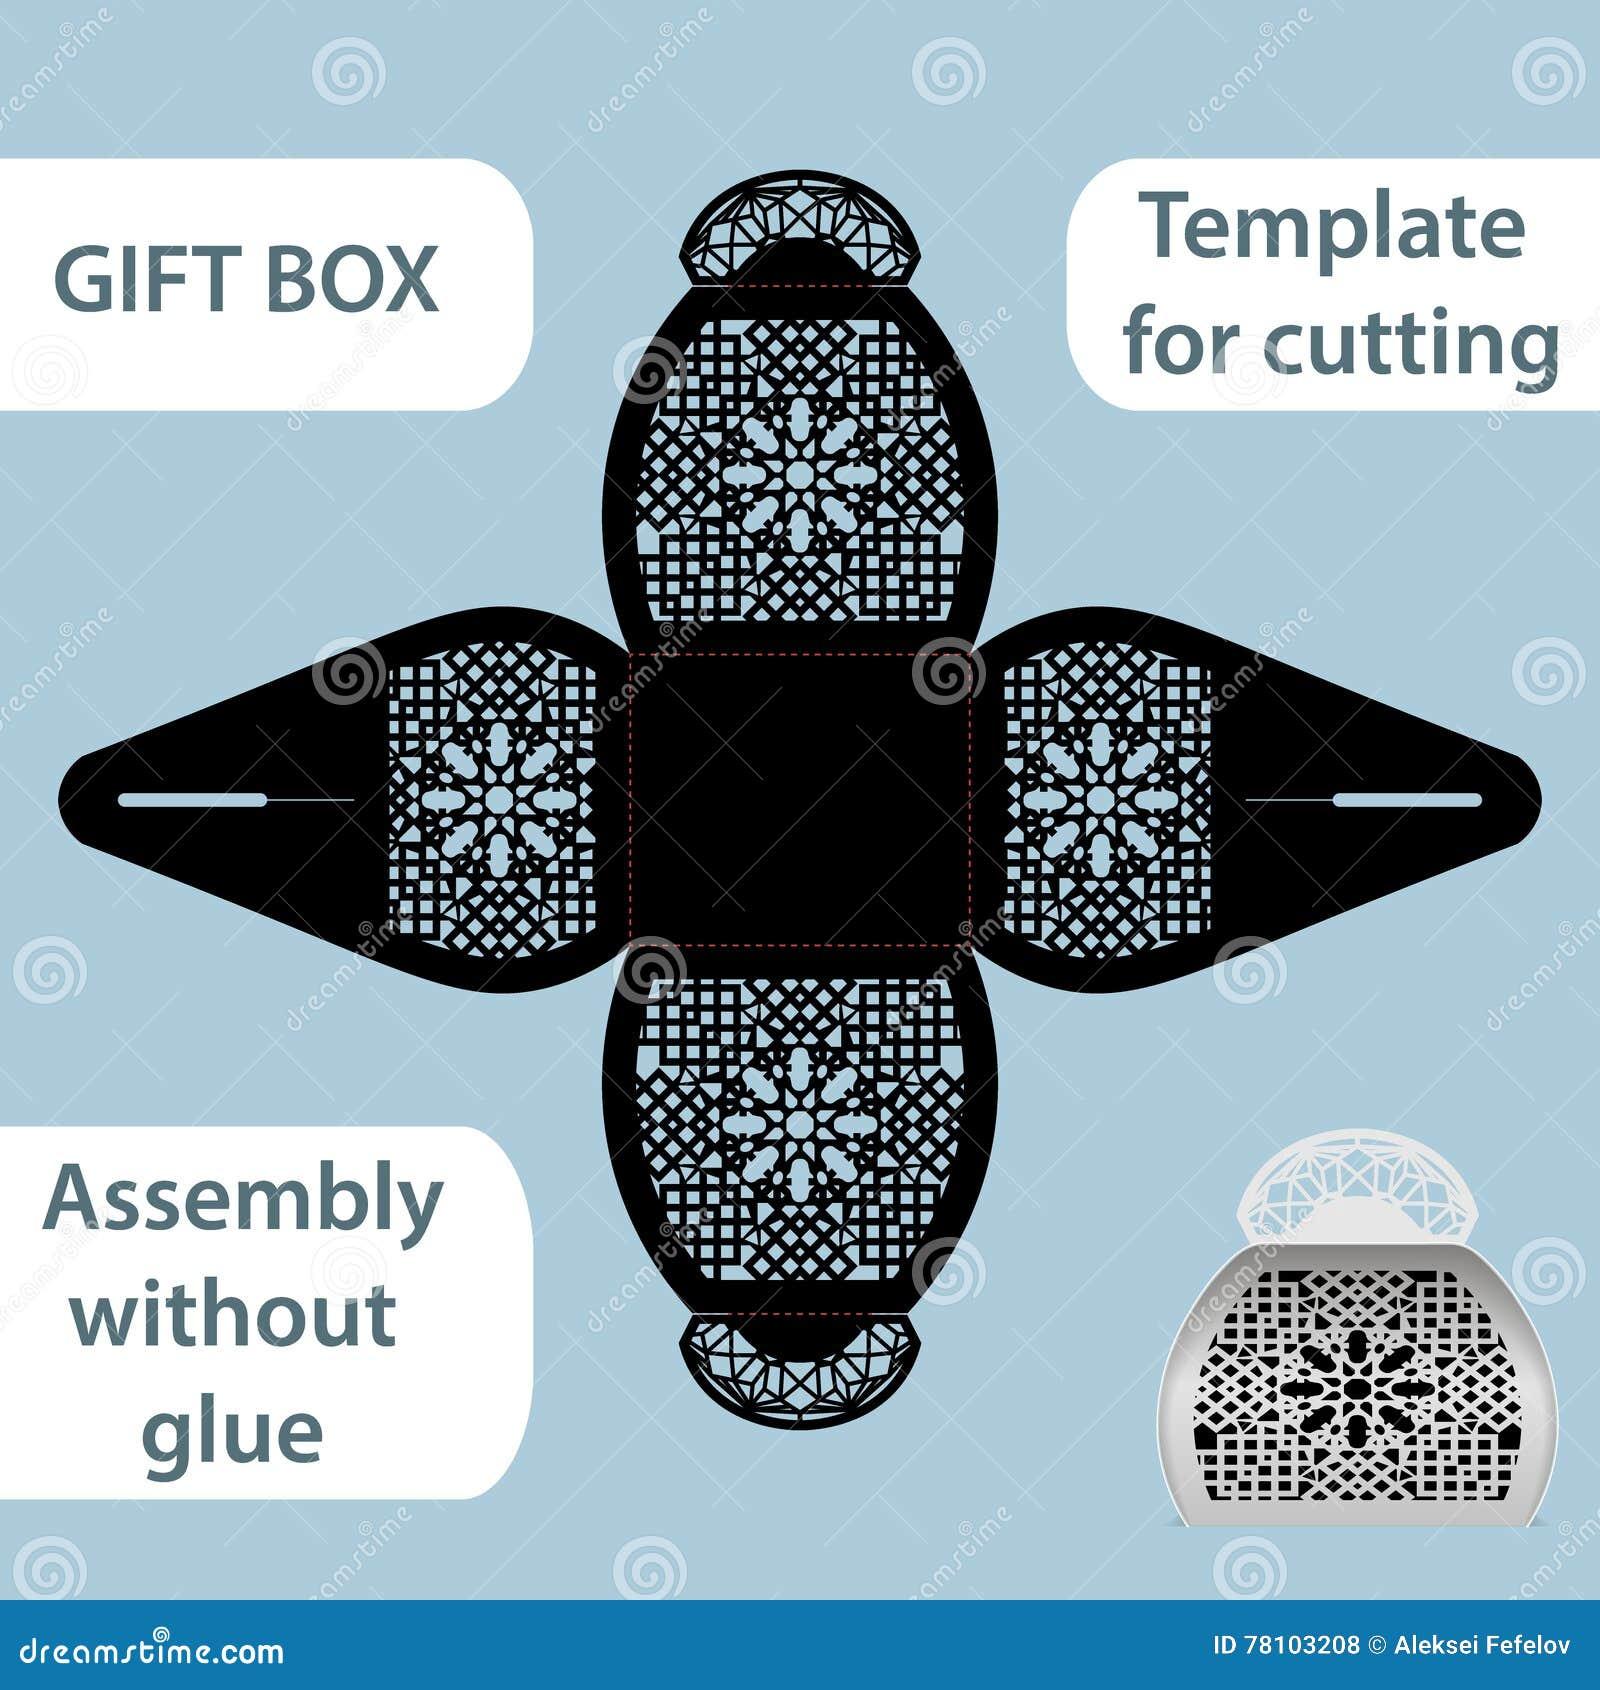 La boîte de papier de cadeau à jour avec une poignée, le modèle de dentelle, ensemble sans colle, a coupé le calibre, empaquetant